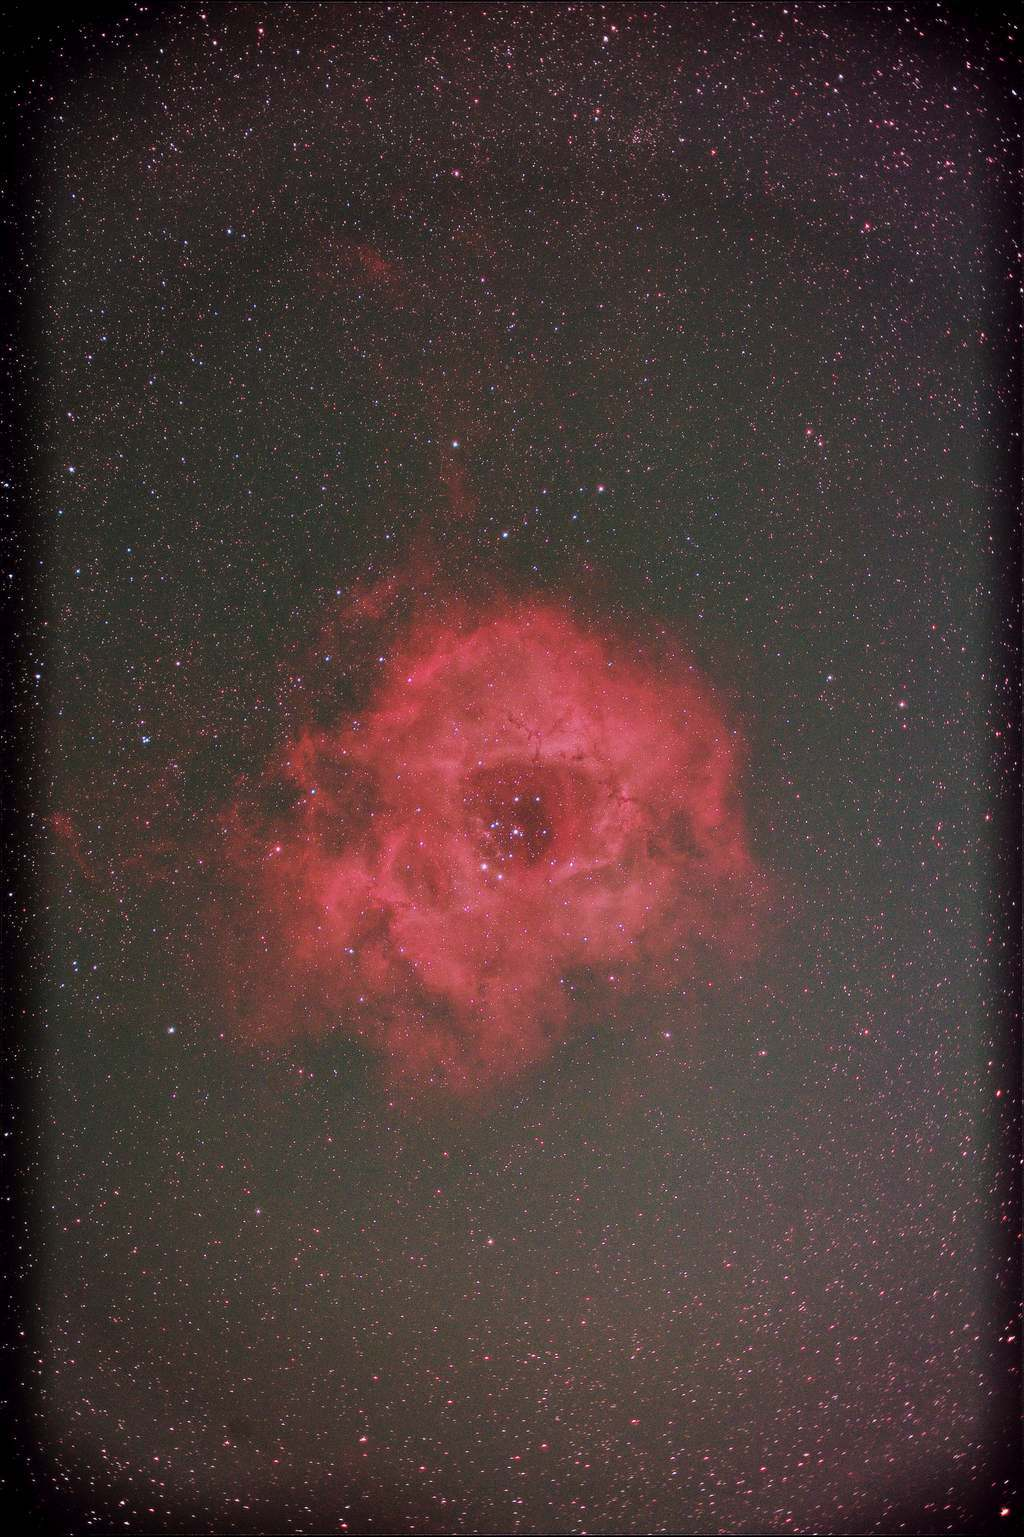 公園撮りバラ星雲2020年2月